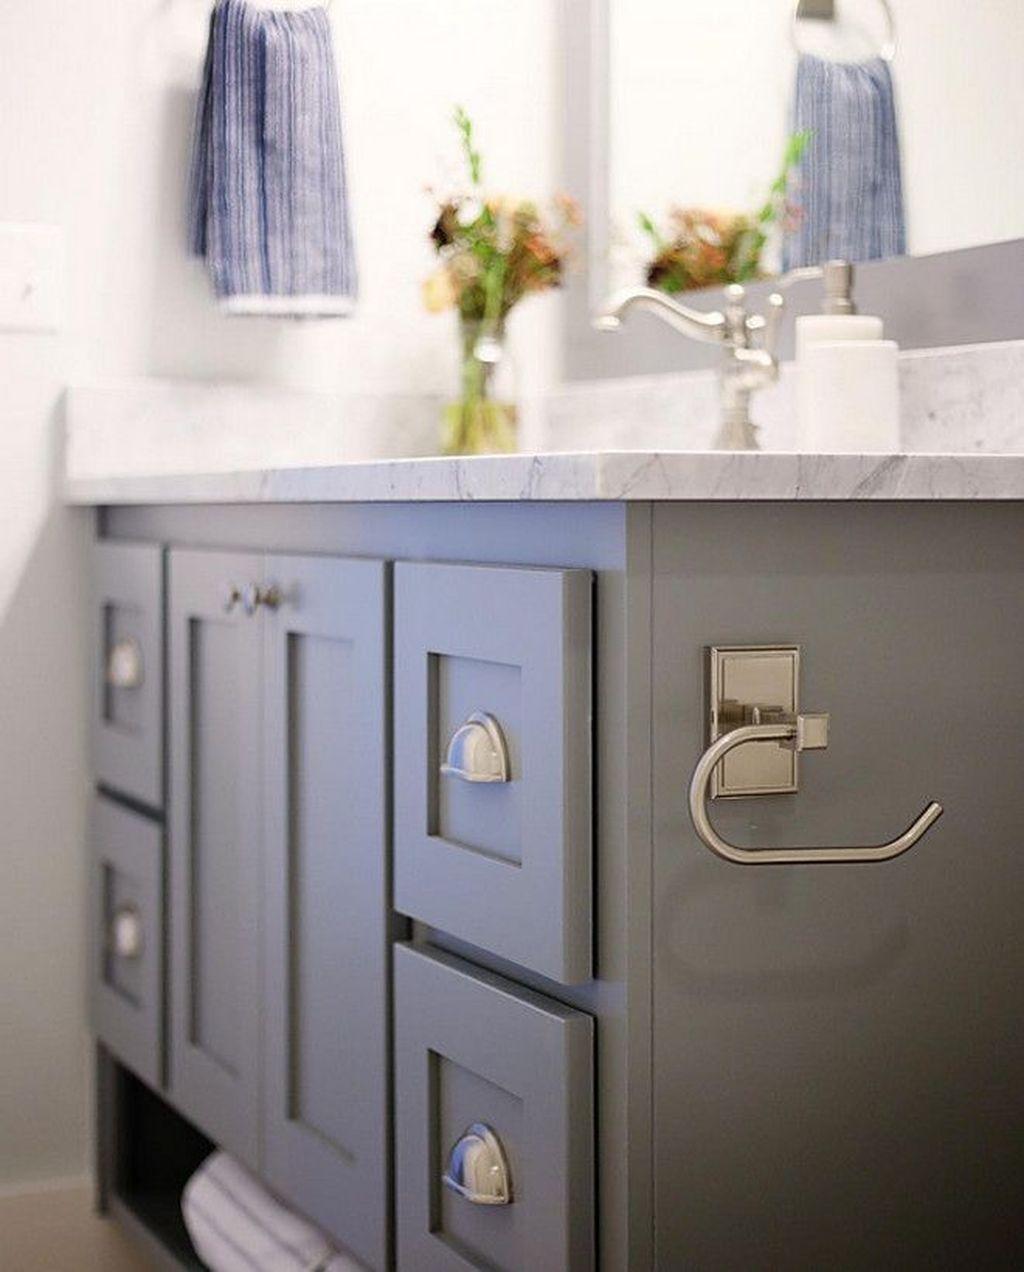 bathroomcabinetspainted  painting bathroom cabinets